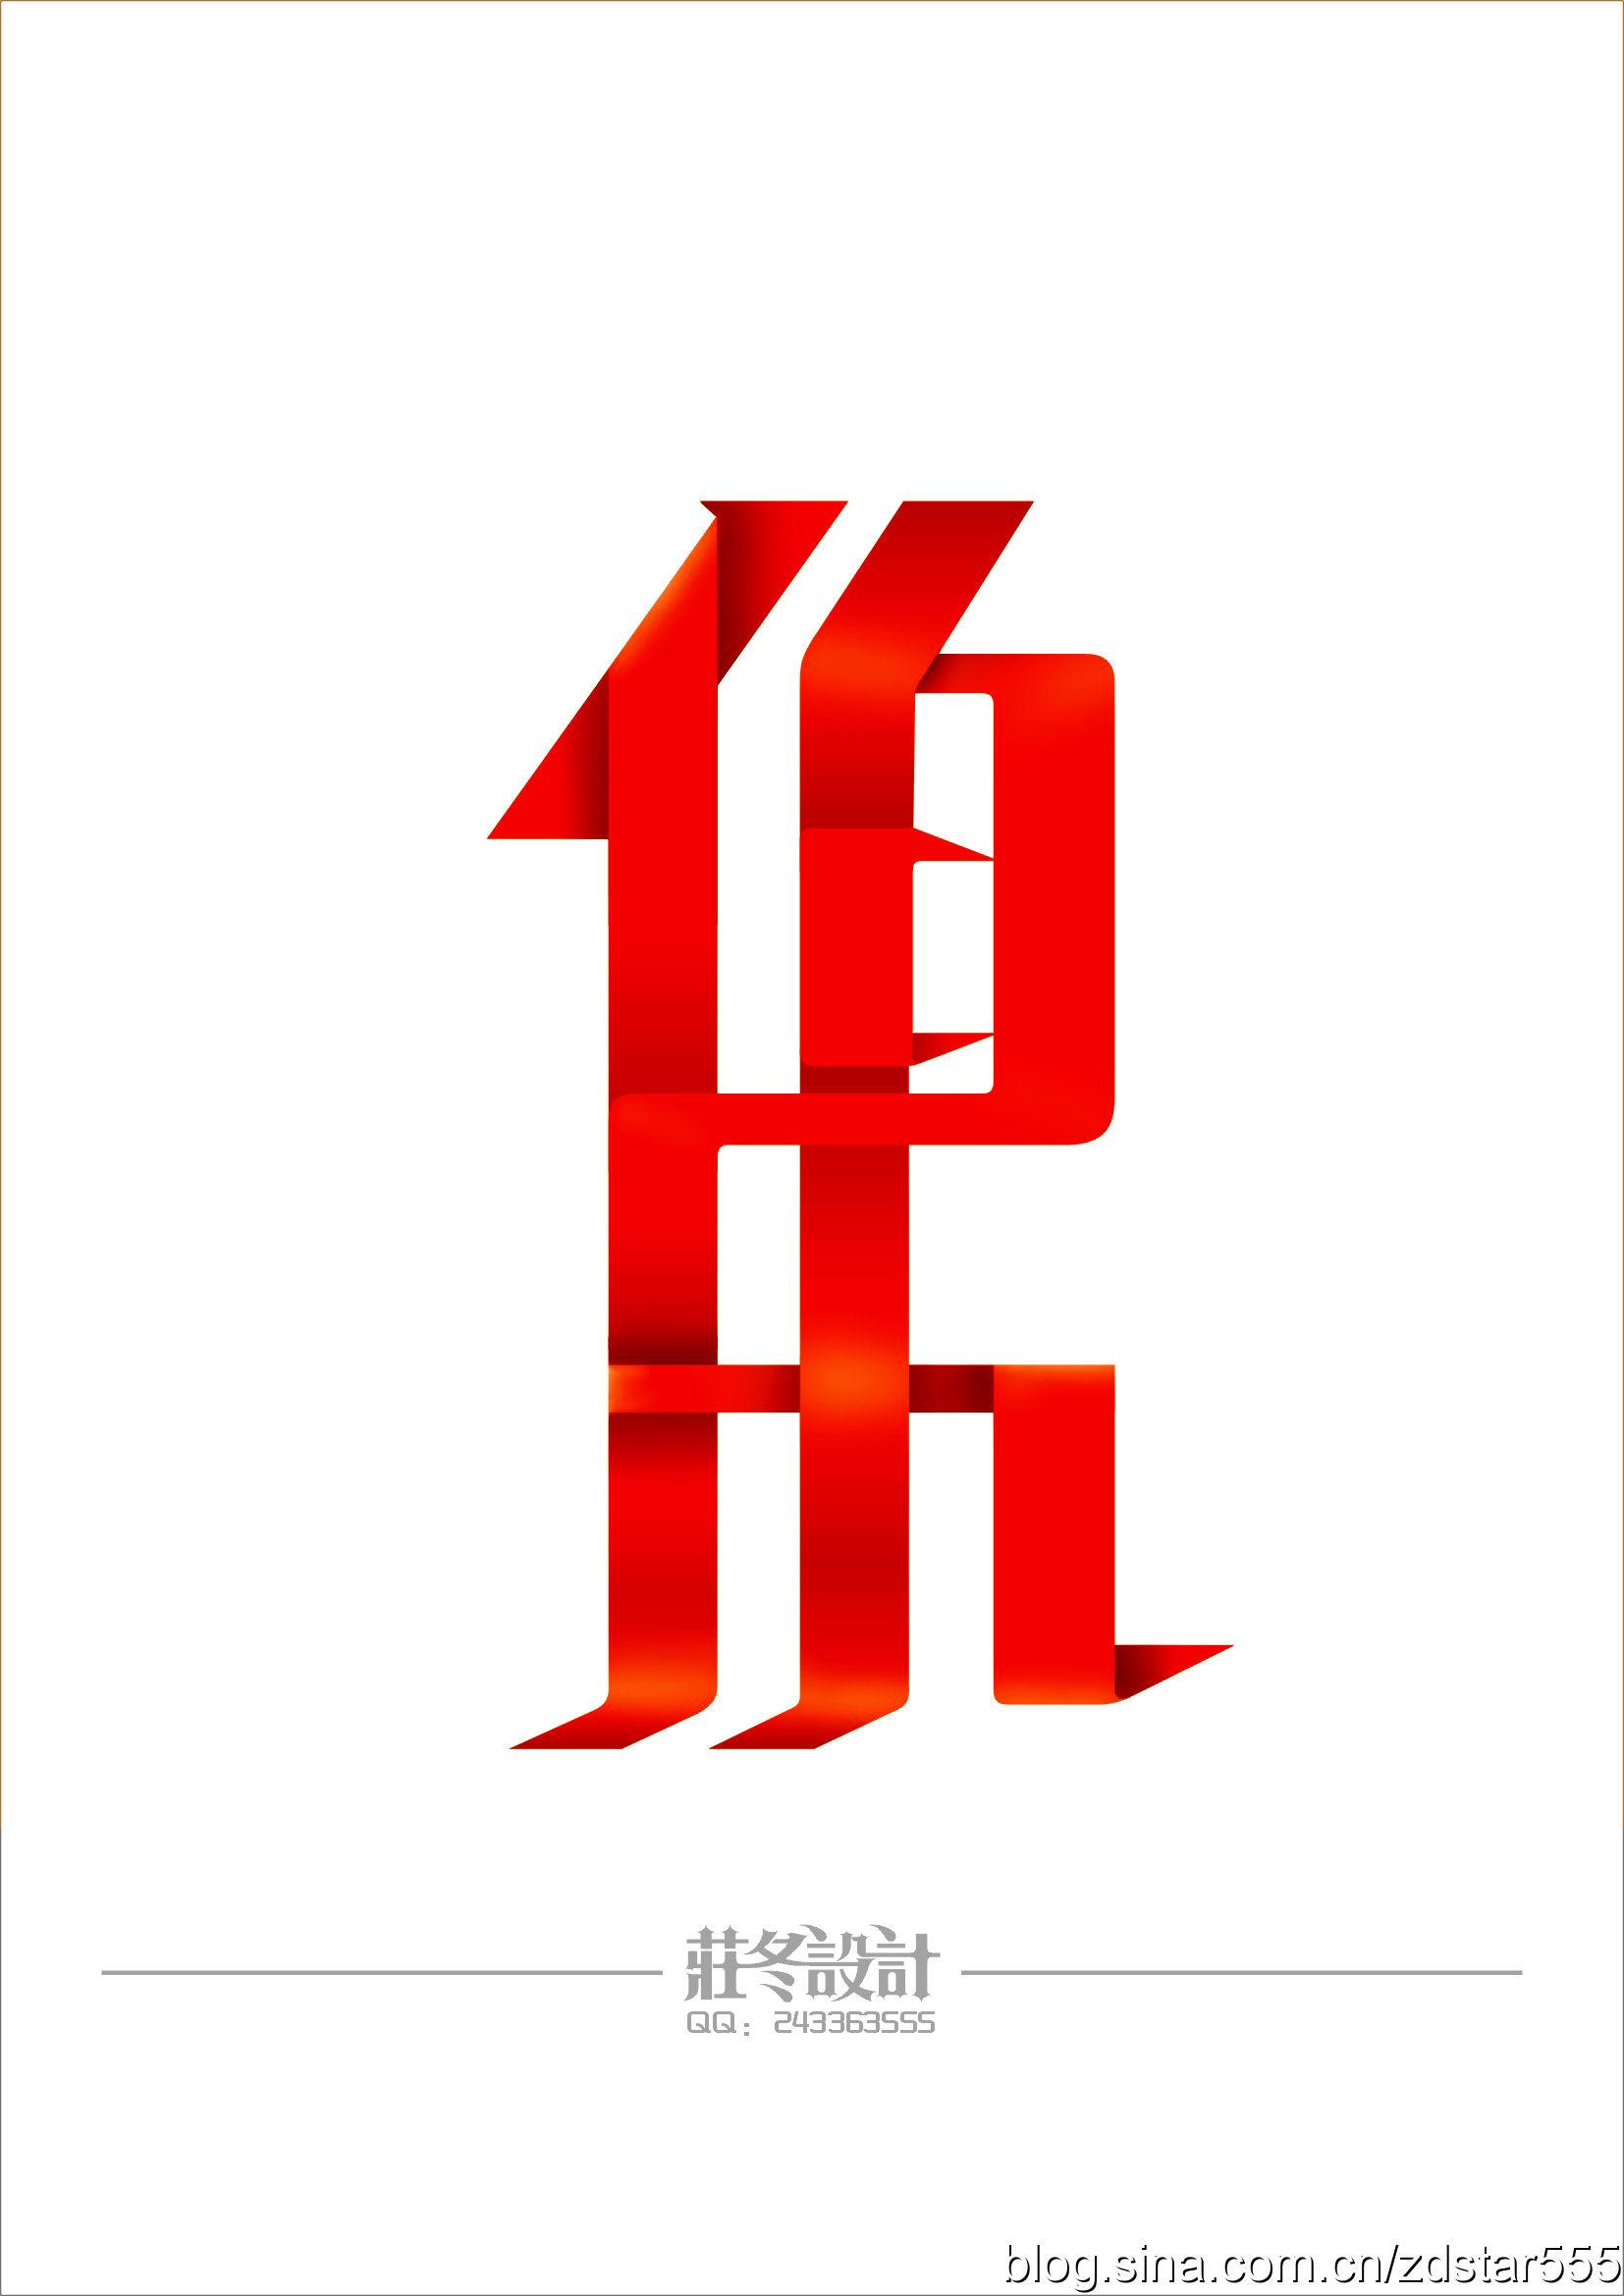 6可爱字体设计